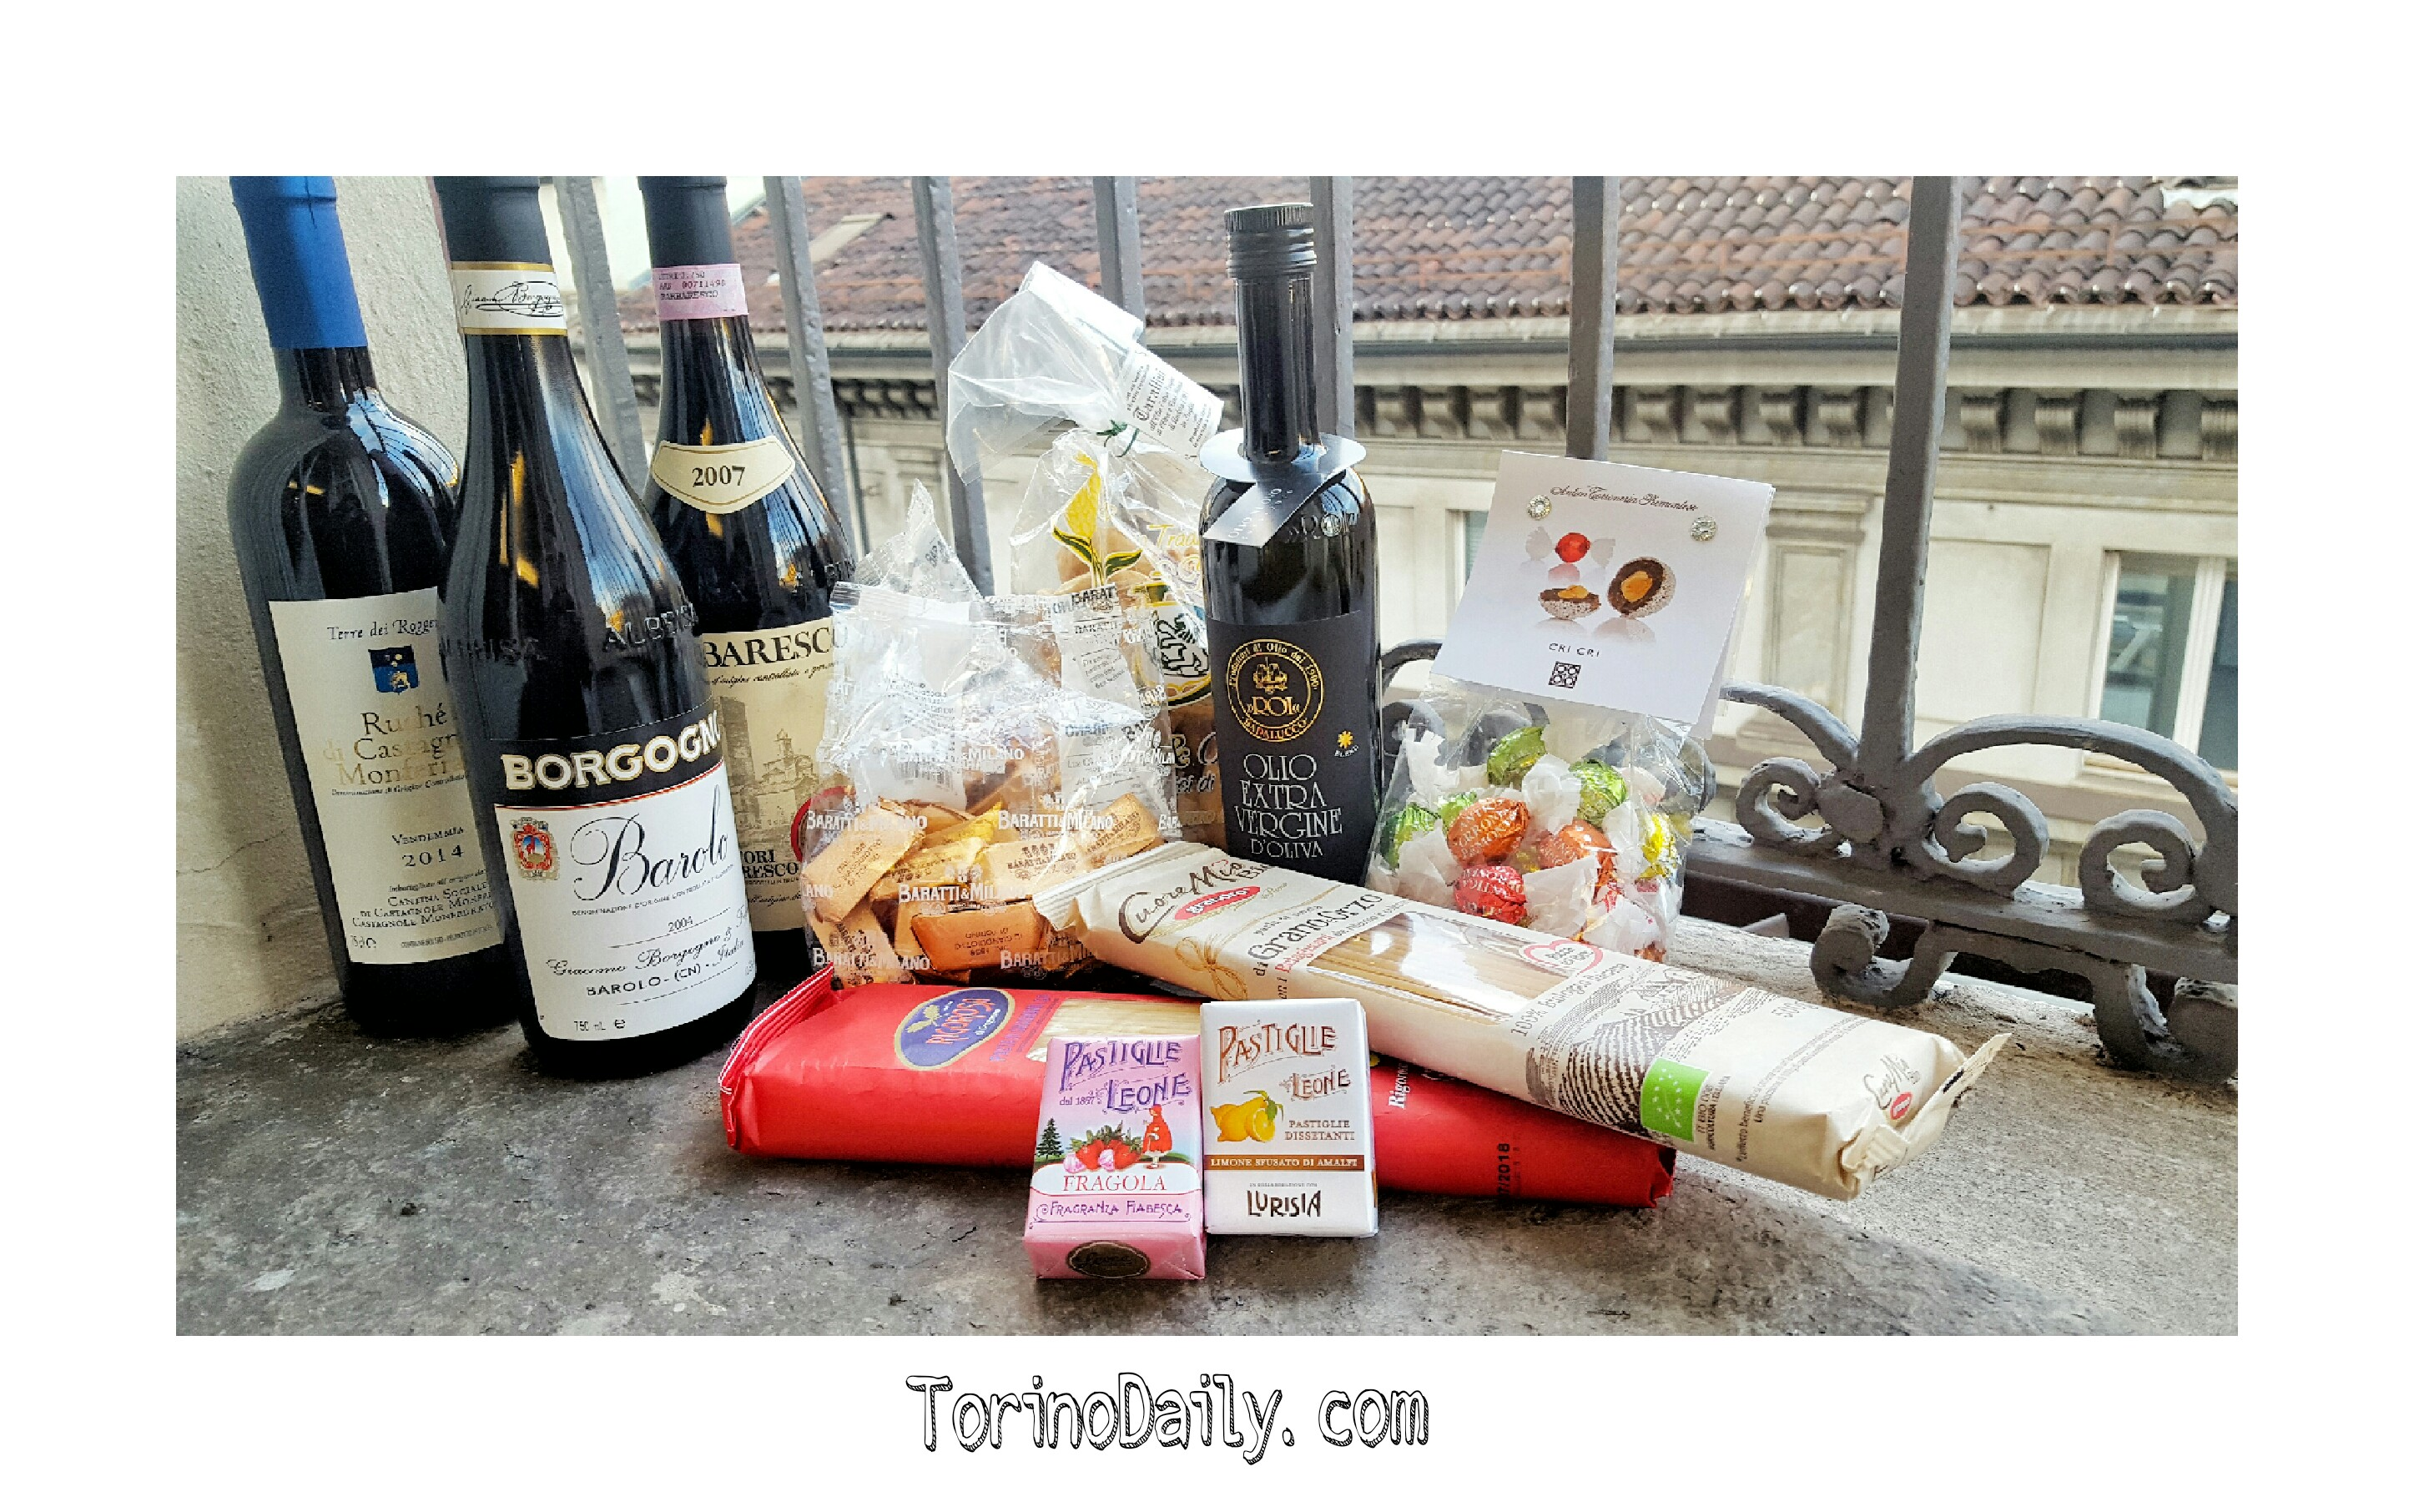 イタリア•トリノ在住者おすすめ!イタリア旅行のお土産リスト⑧(食料品編)